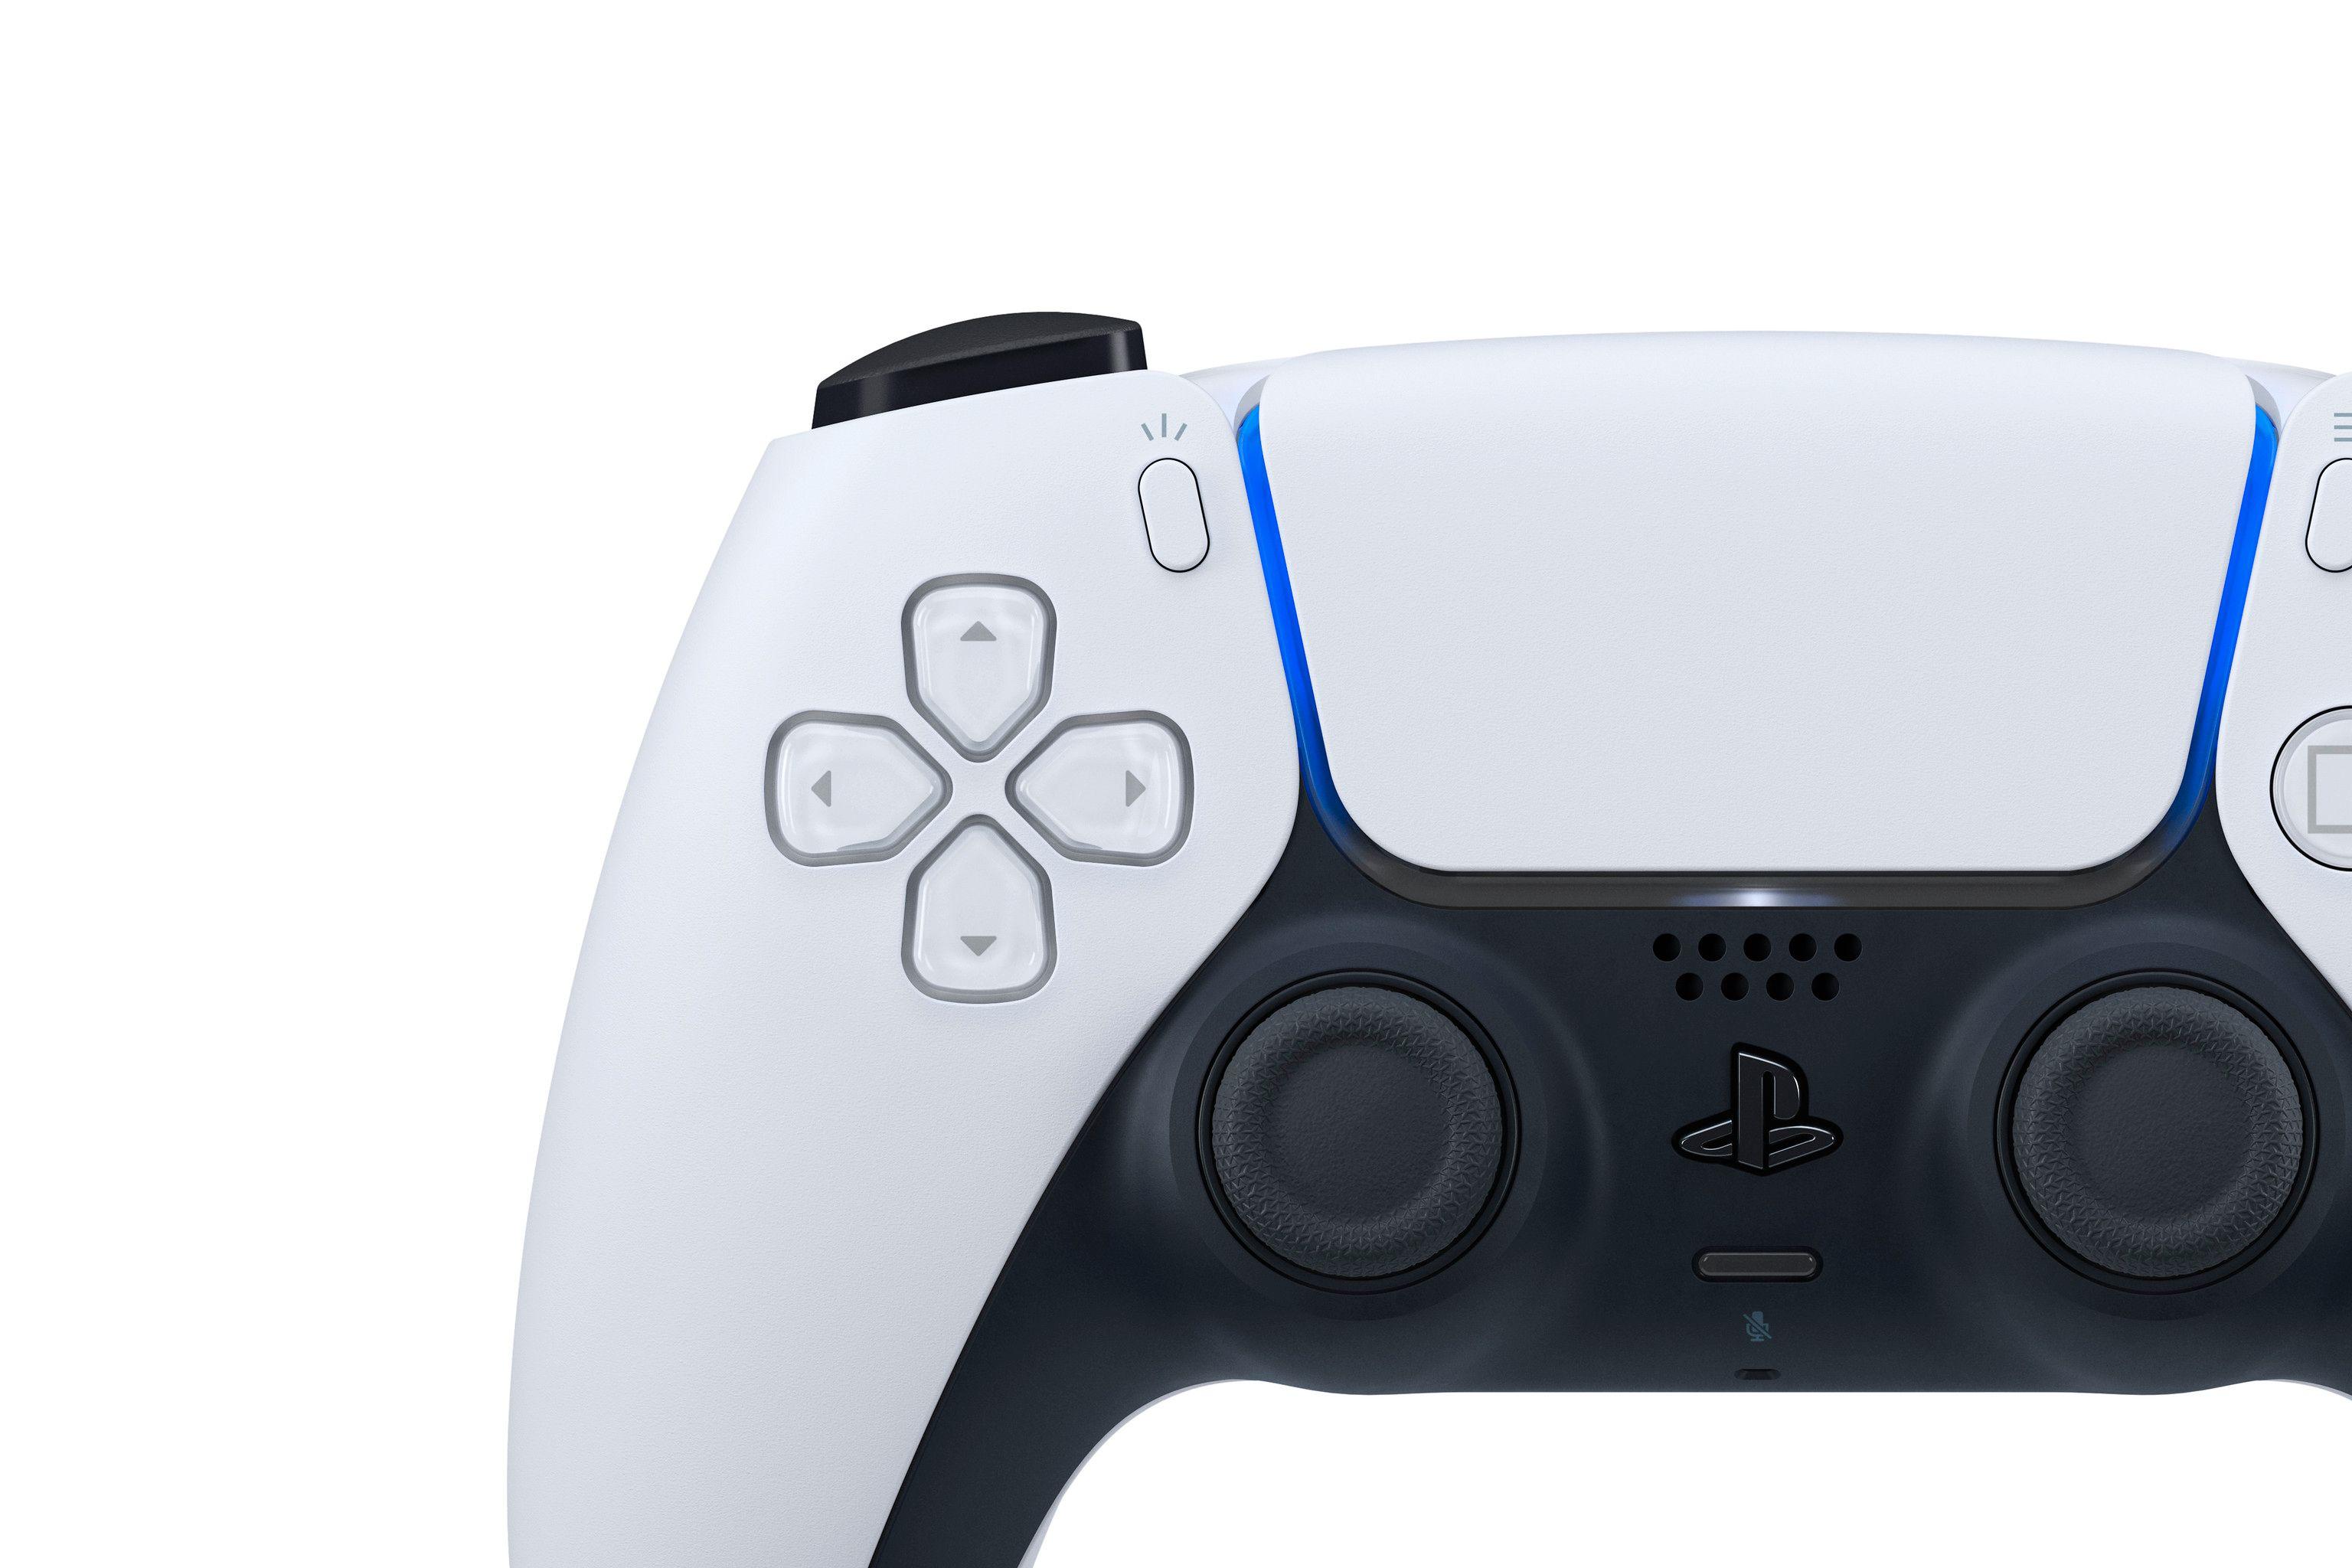 Lyspanelet er omgjort til en stripe rundt touchflata foran på kontrolleren.